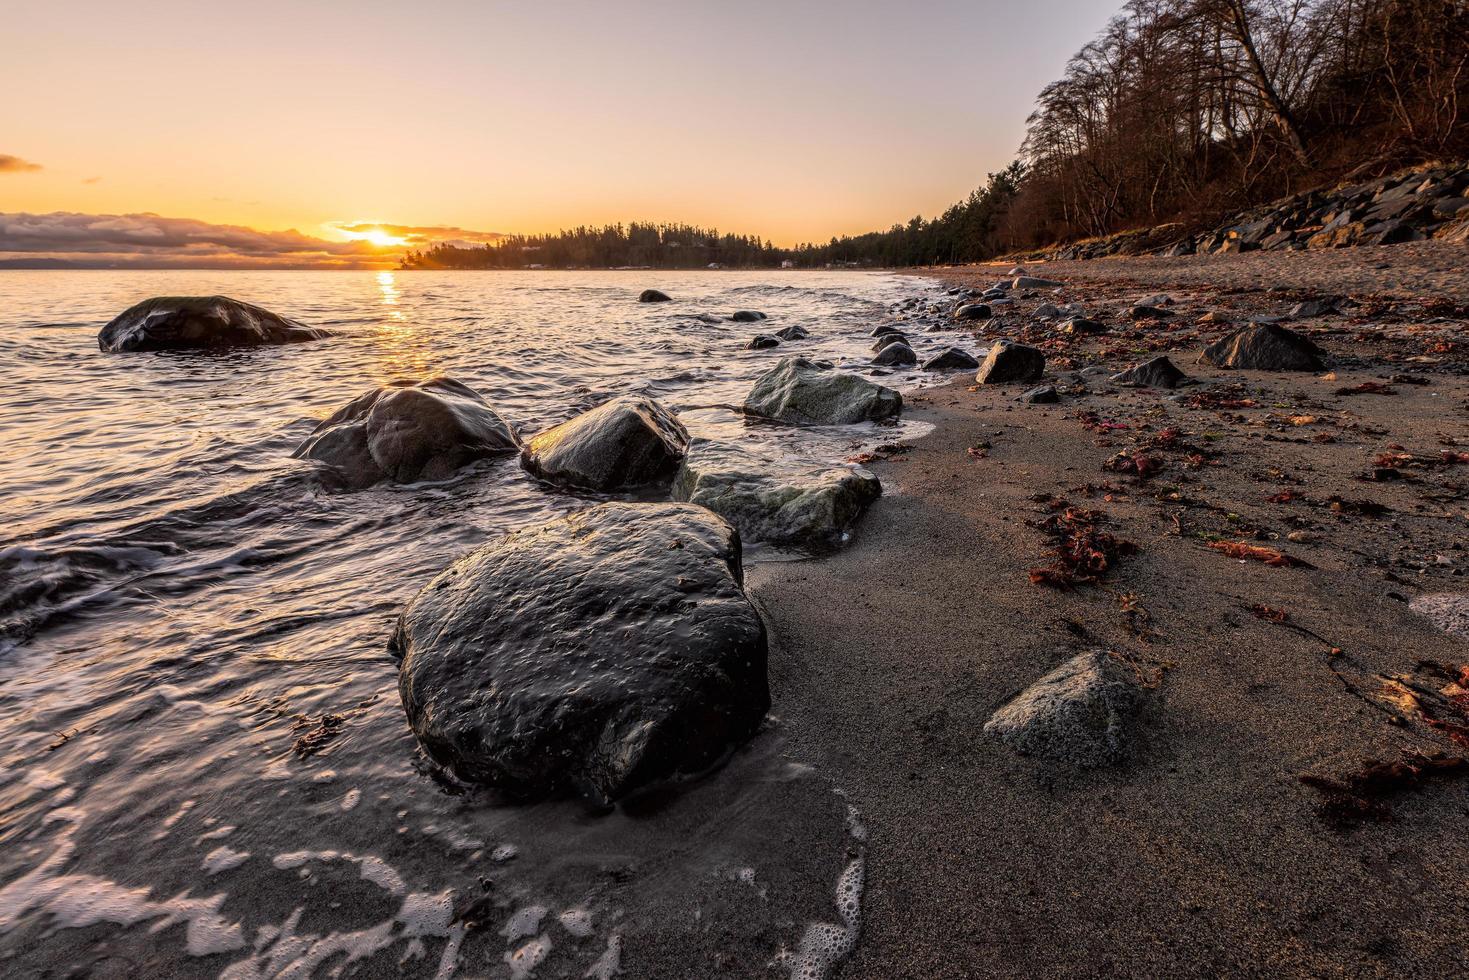 roches grises au bord de mer pendant le coucher du soleil photo